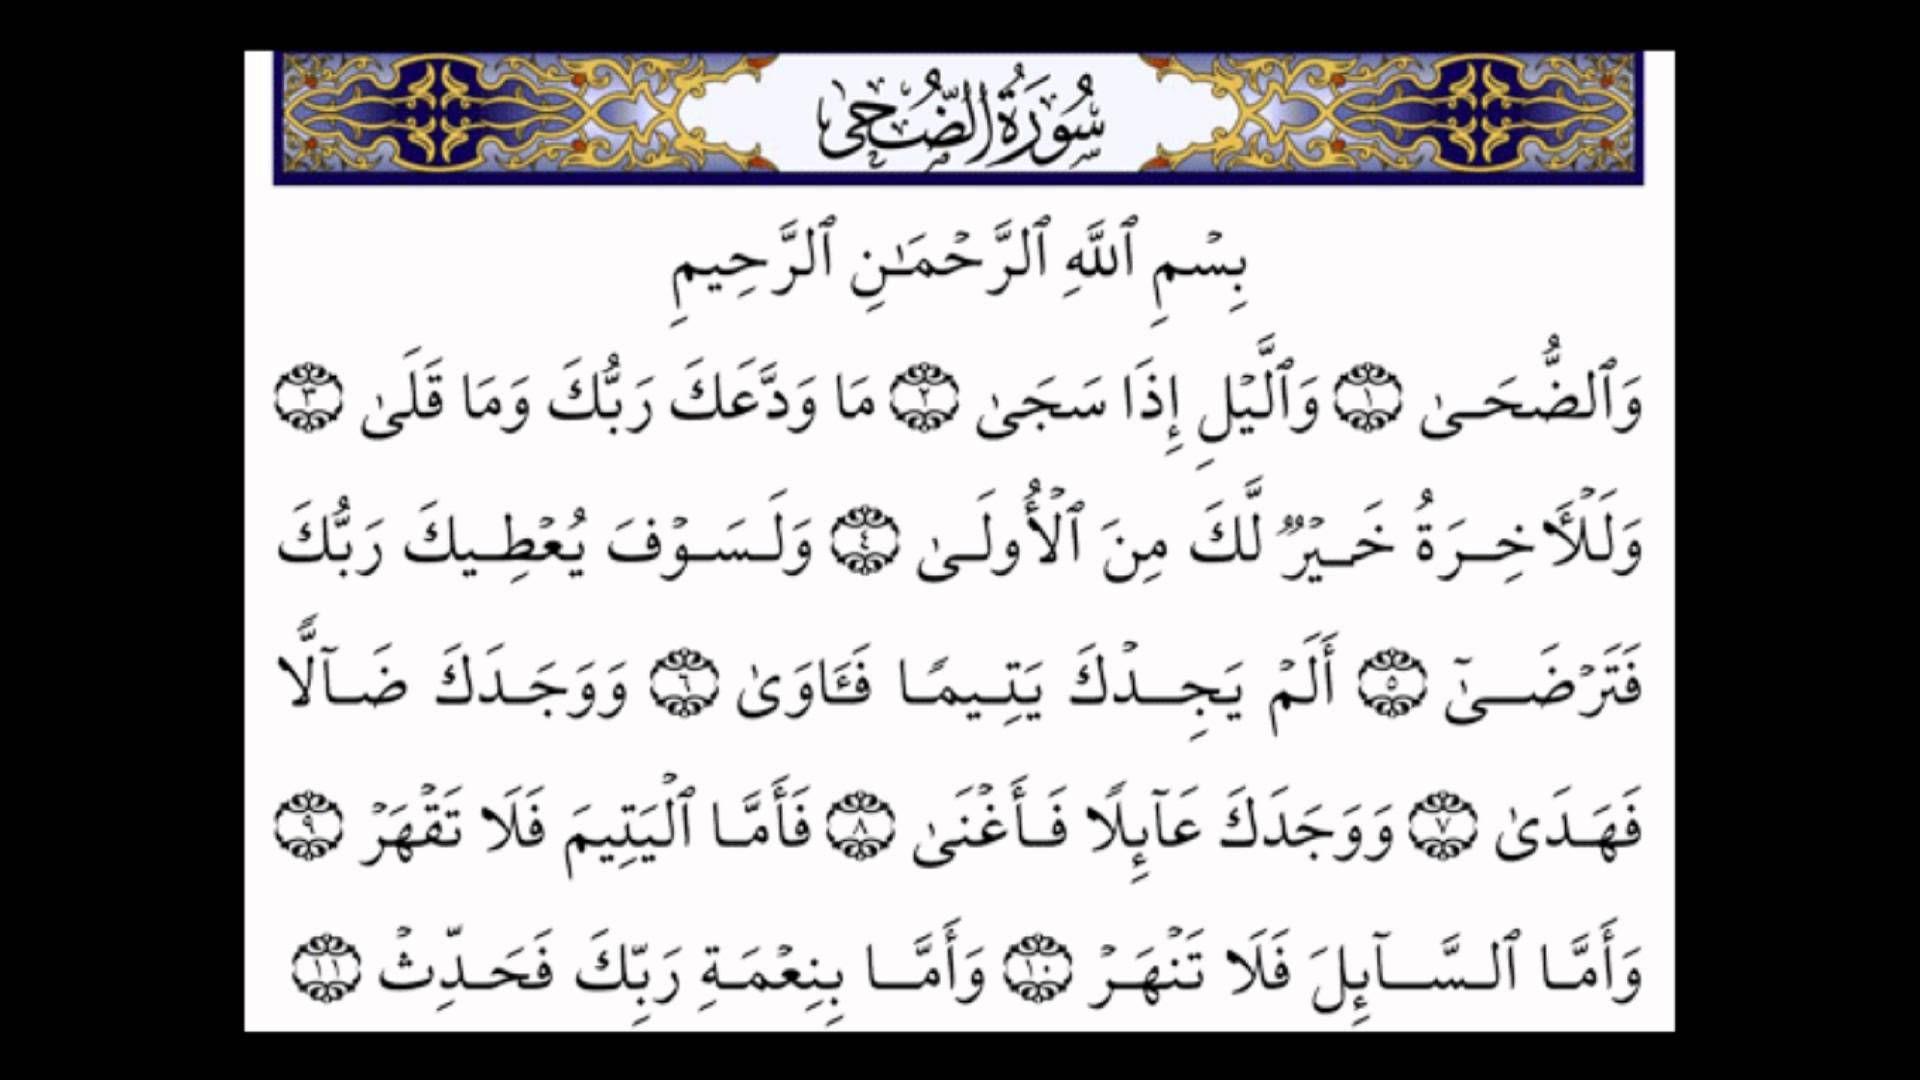 تلخيص الدرس الثامن دورة رت لي قرآنك جو ديه المدود1 الصفحة 4 Arabic Calligraphy Calligraphy